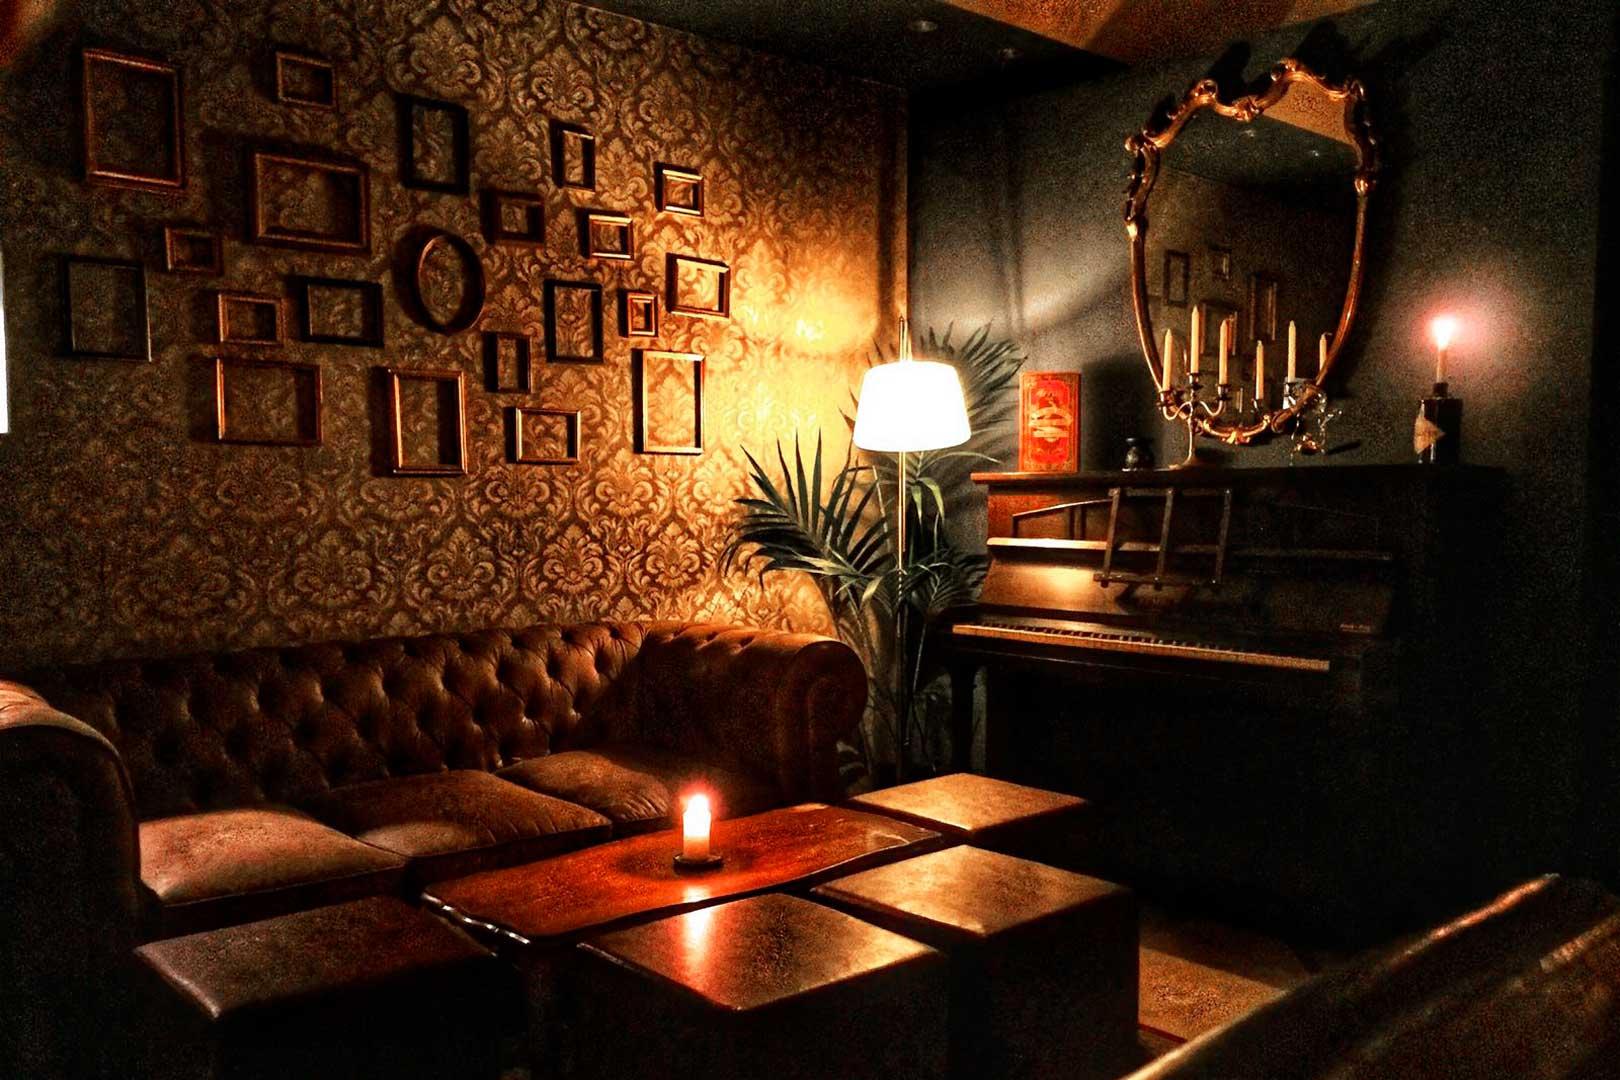 I 10 migliori cocktail bar d'Italia - Laurus